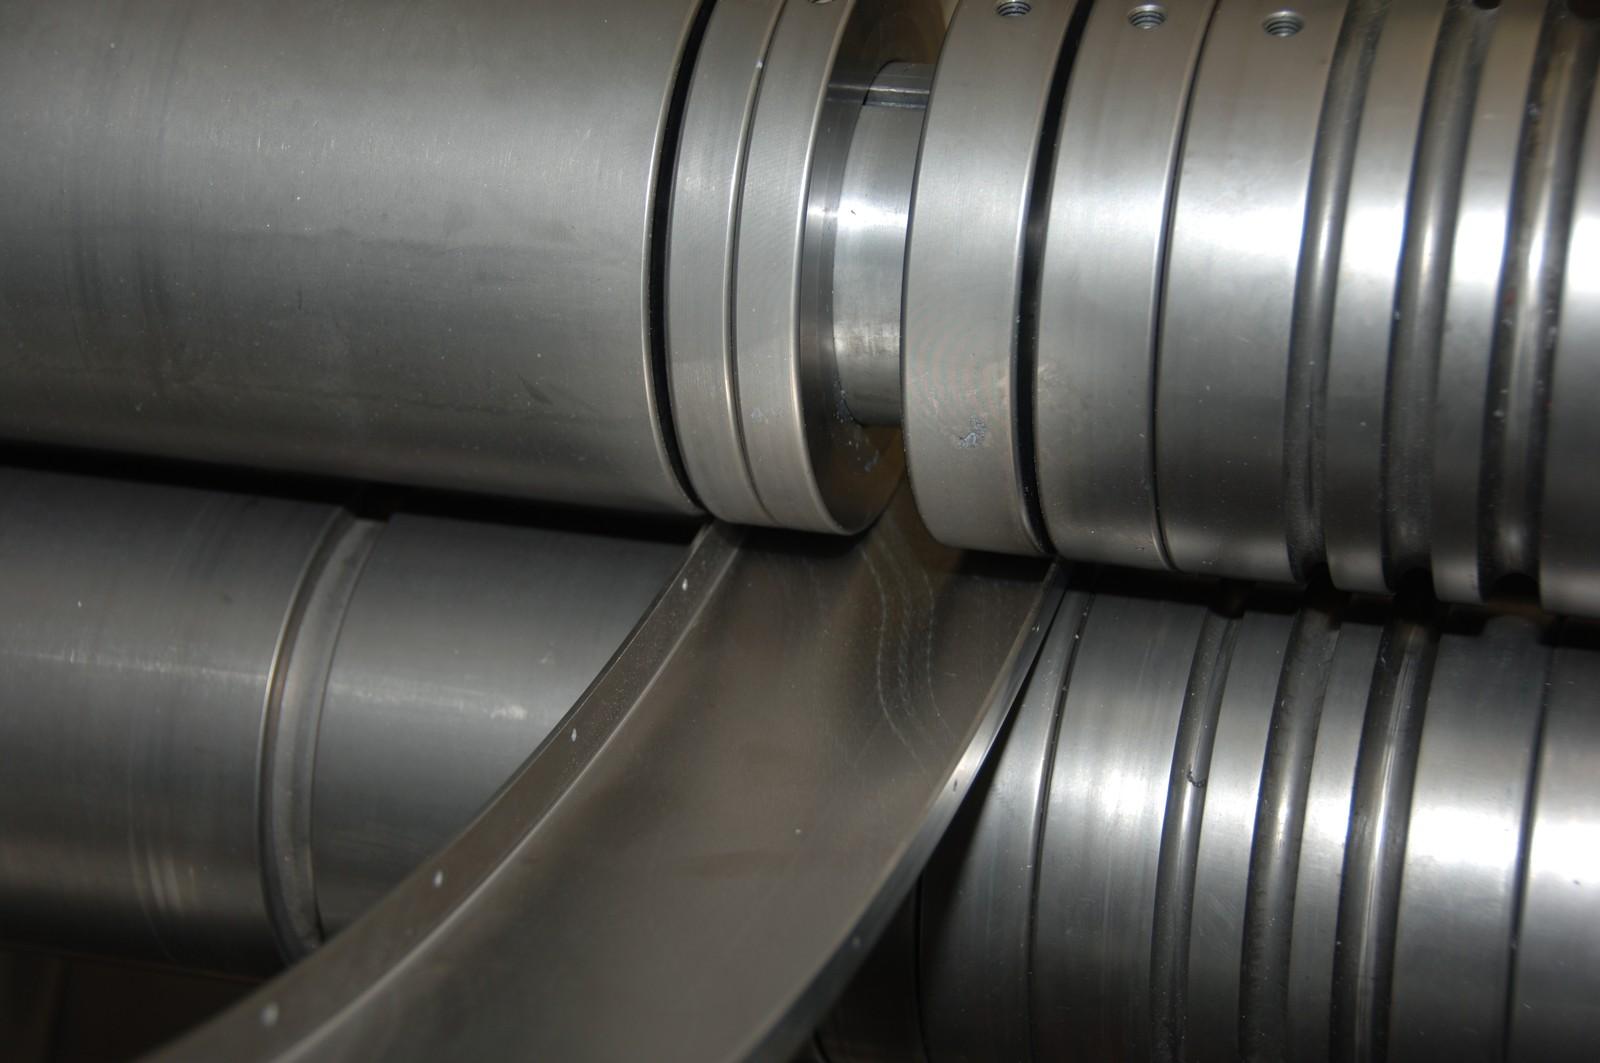 Die Ringe sind so konfiguriert, dass sie passend für jede Führungsbahn zusammengestellt werden können.